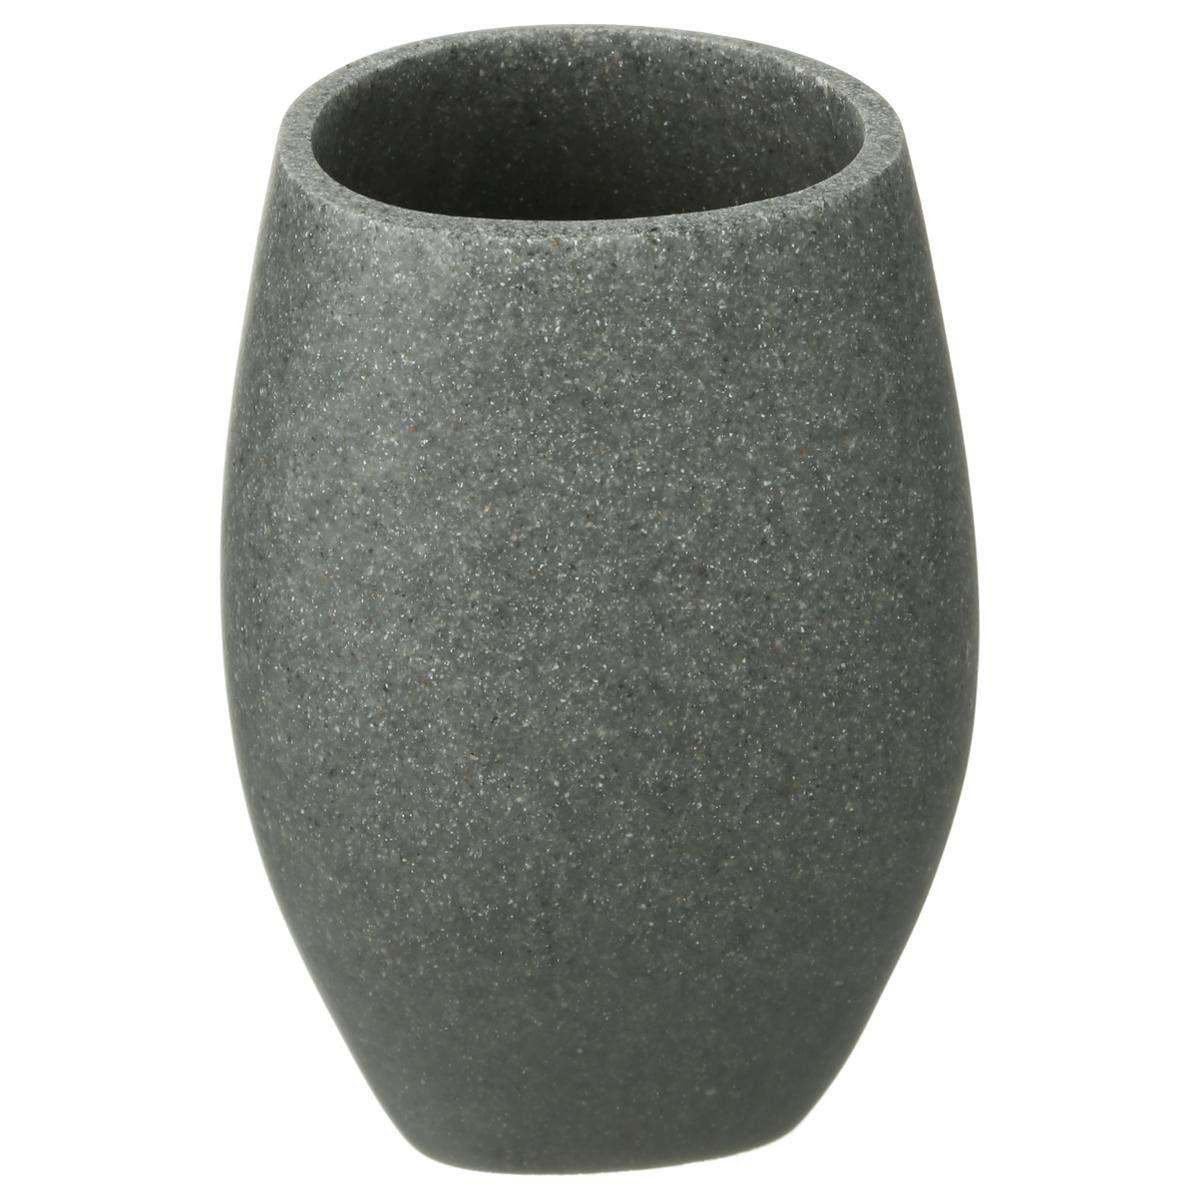 C/éramique JJA 939442 Gris 7 x 7 x 10 cm Pot /à coton Stone